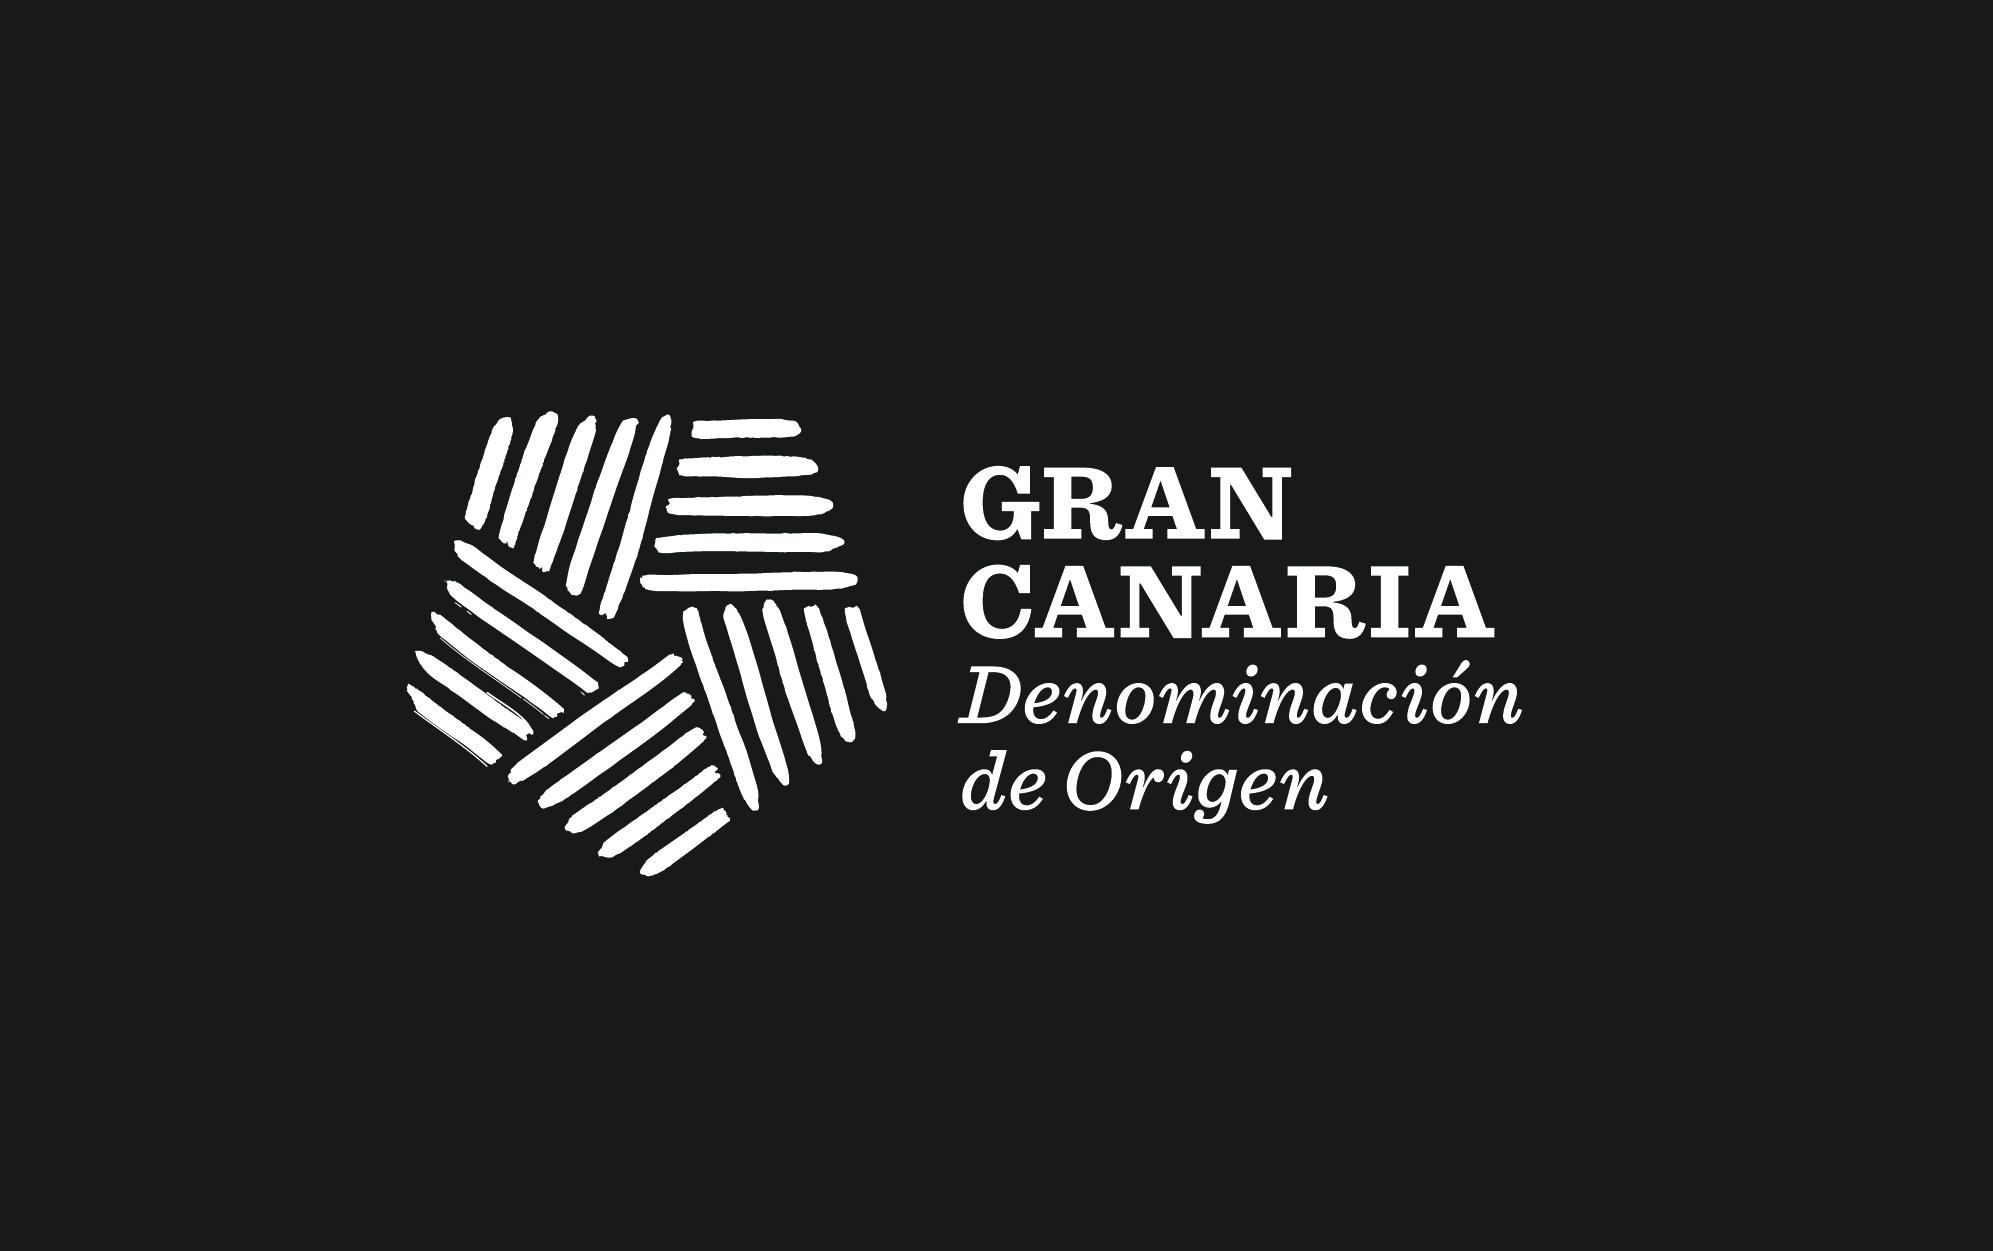 Los Vinos de Gran Canaria triunfan en el Mundial de Vinos Extremos